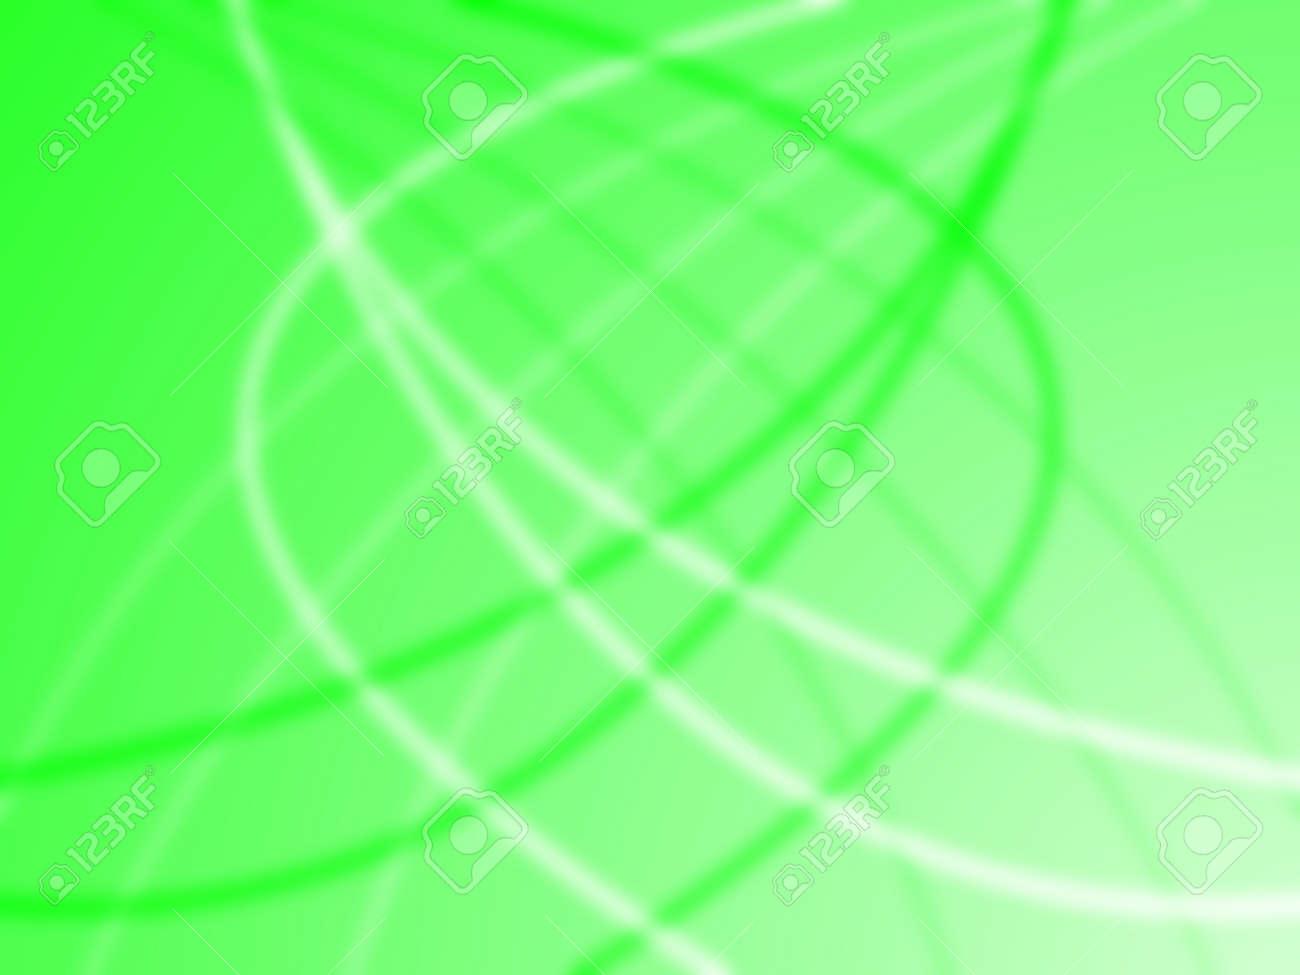 Immagini Stock Neon Sfondo Verde Con La Luce E Le Linee Più Scure